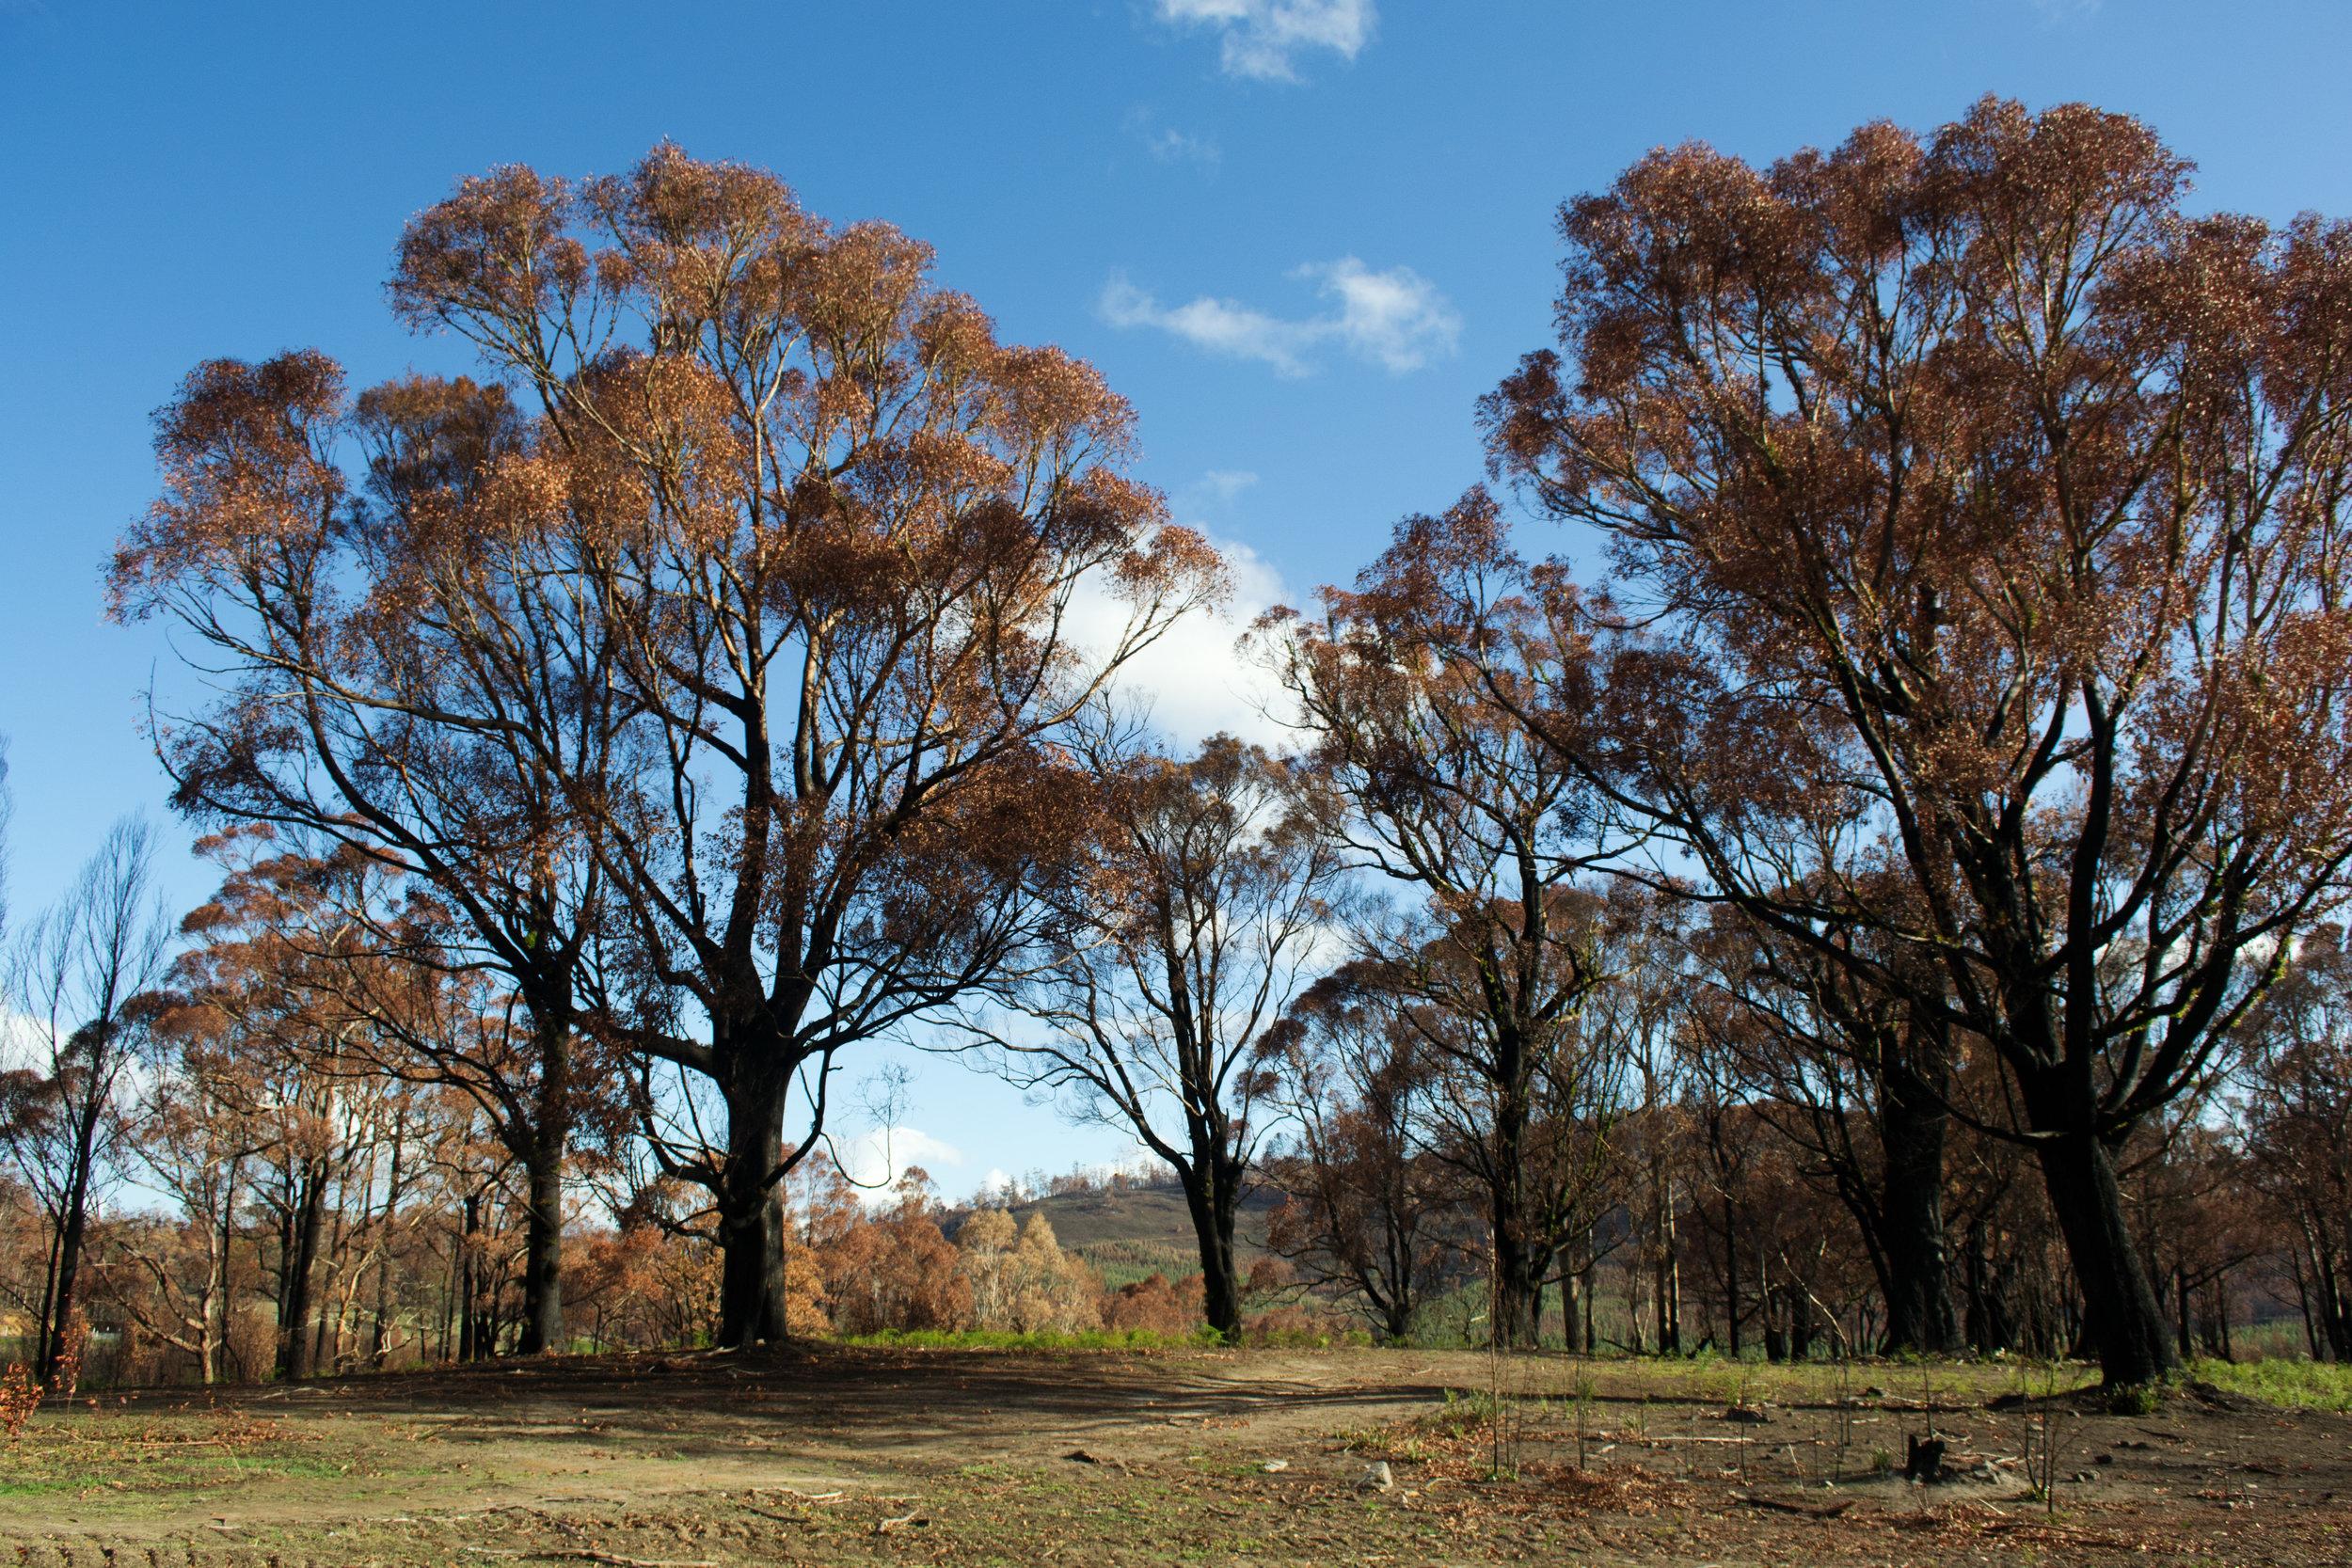 2013-02-28 - Tasmania - Dunalley after the fires - D3100  - DSC_0343.jpg